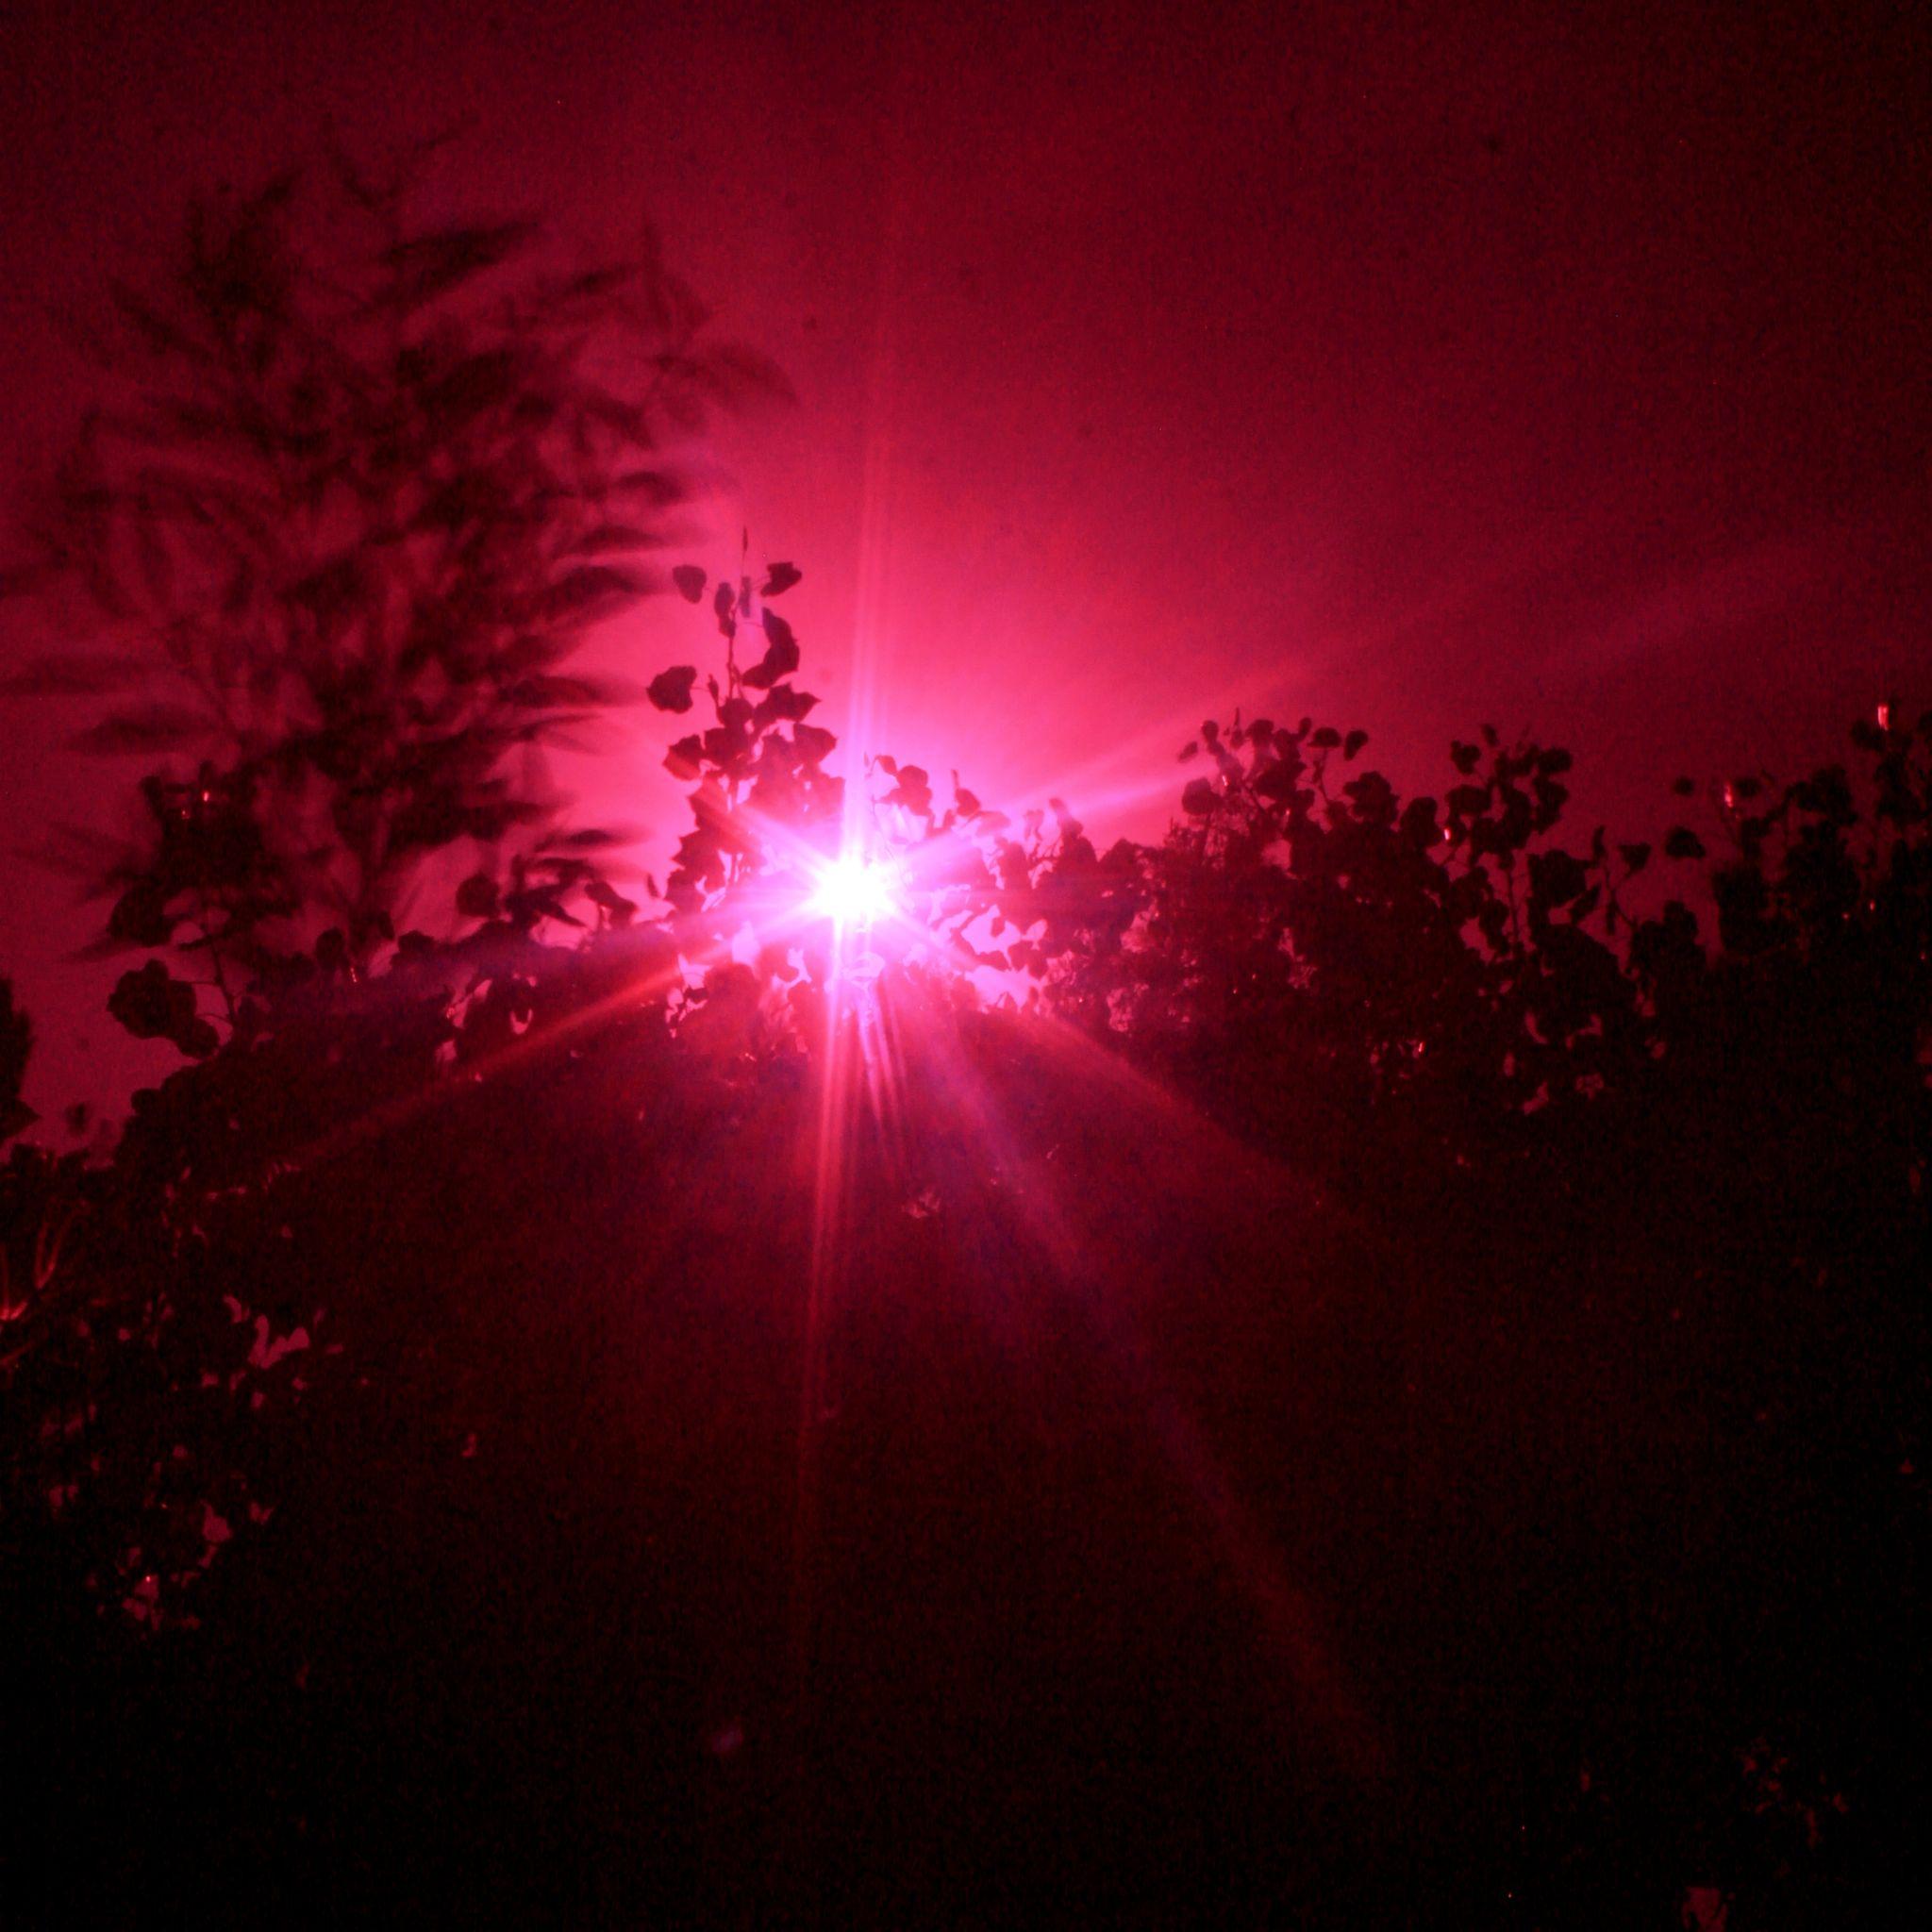 sunburst by wiley walker